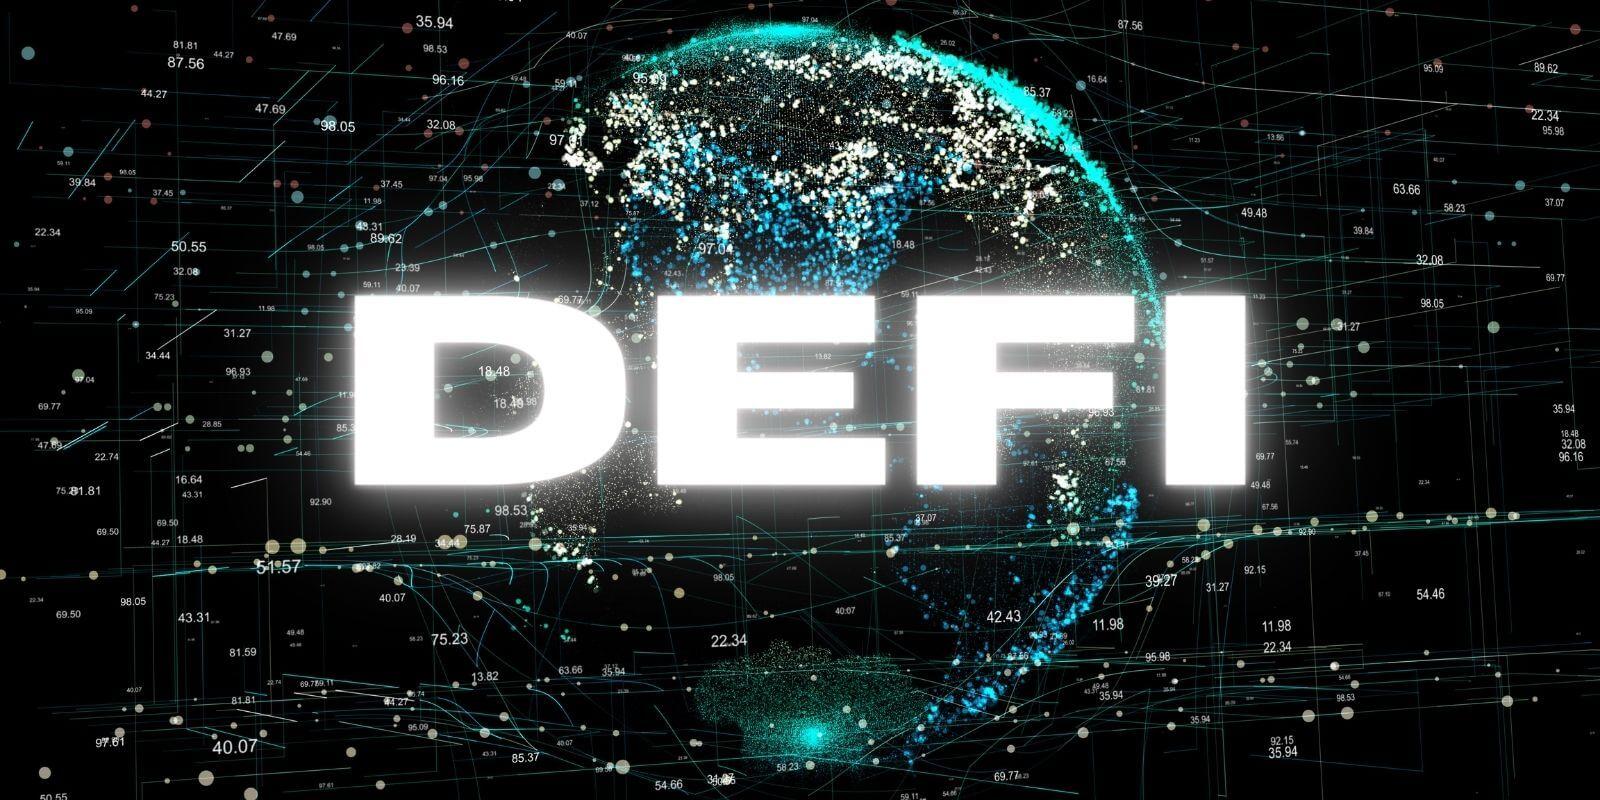 DeFi : la valeur totale verrouillée bondit et atteint un record absolu